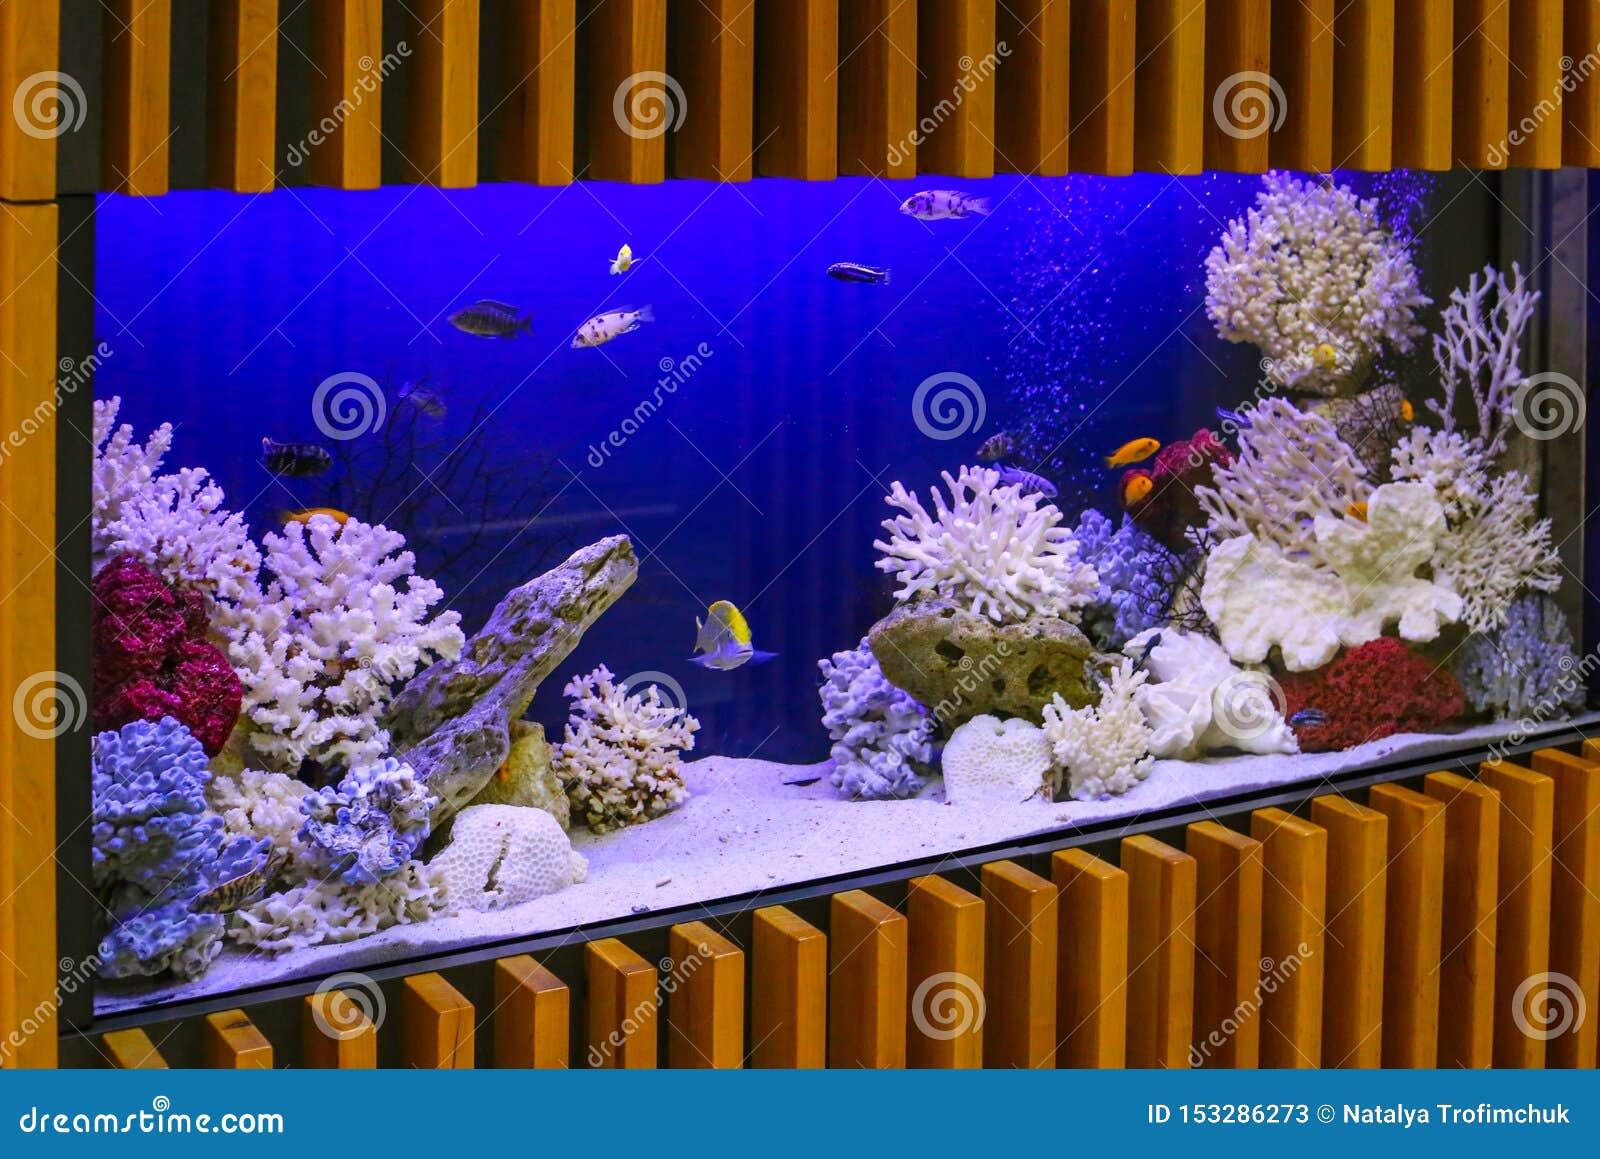 Aquarium mit Anlagen und tropischen bunten Fischen